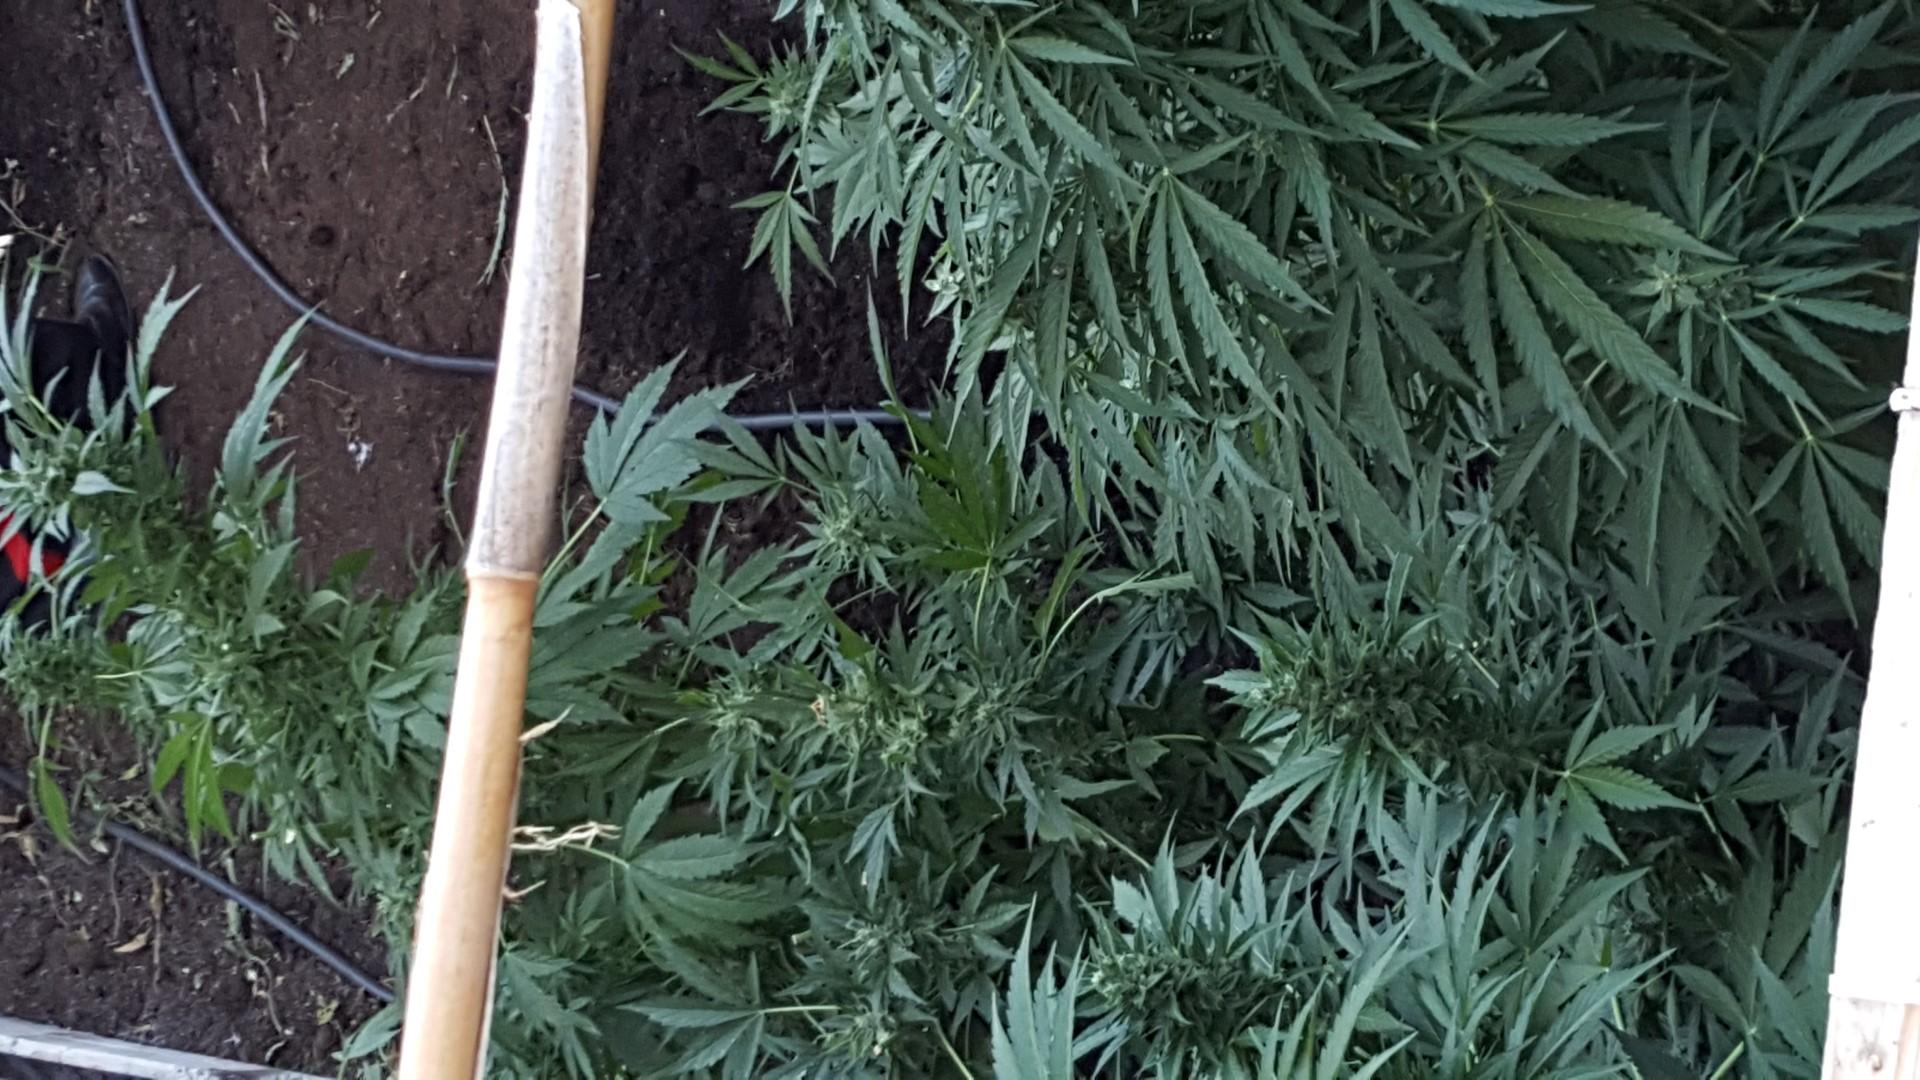 Scoperta coltivazione di canapa nei boschi del ViboneseOltre 650 piante che avrebbero fruttato 300 mila euro